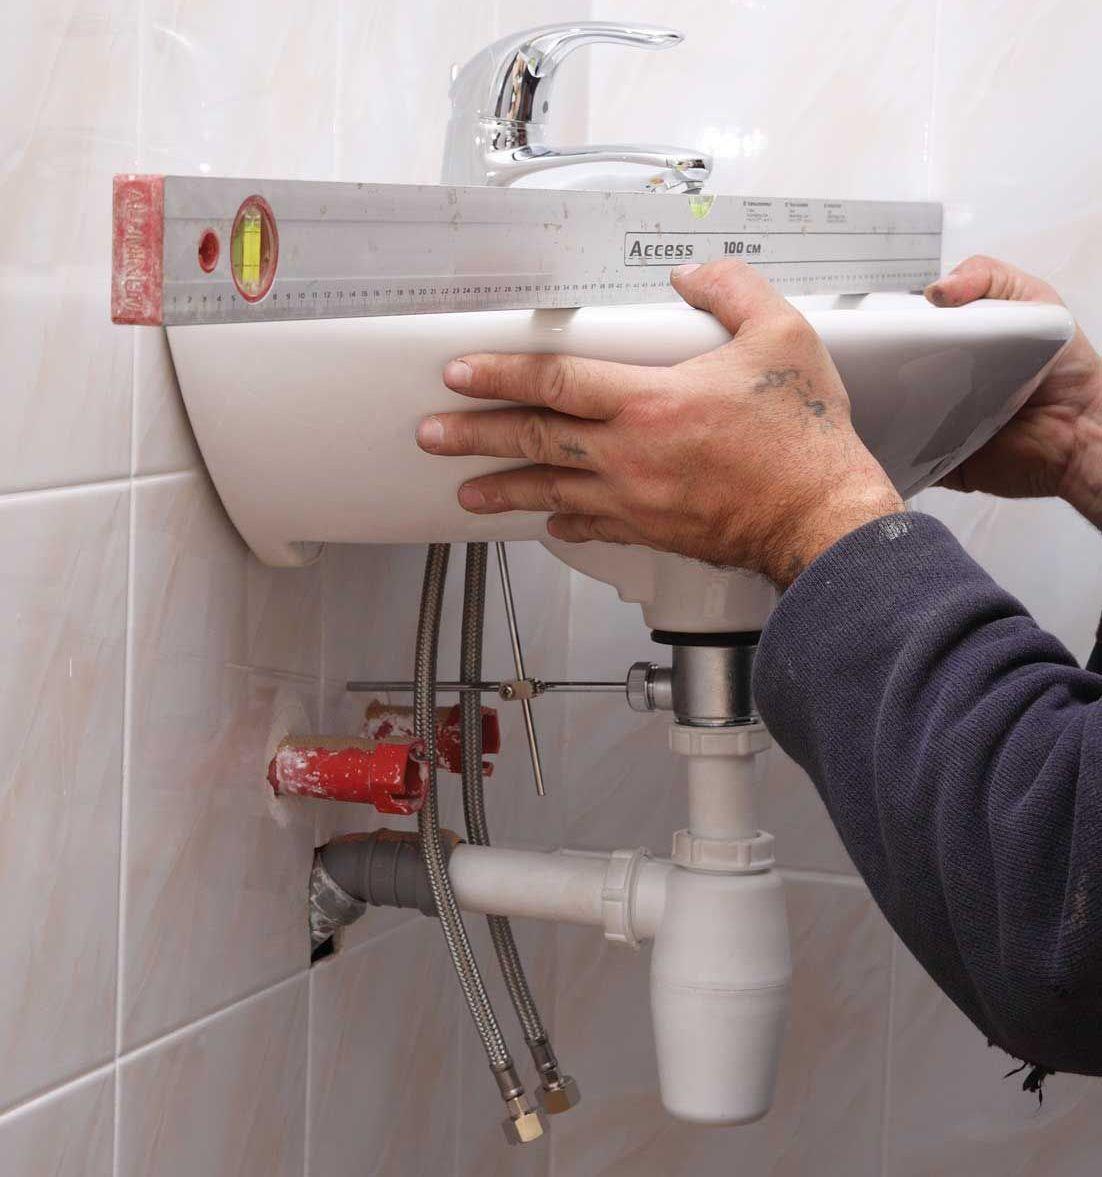 3 Замена раковины в ванной комнате. Как самостоятельно выполнить монтаж сантехники